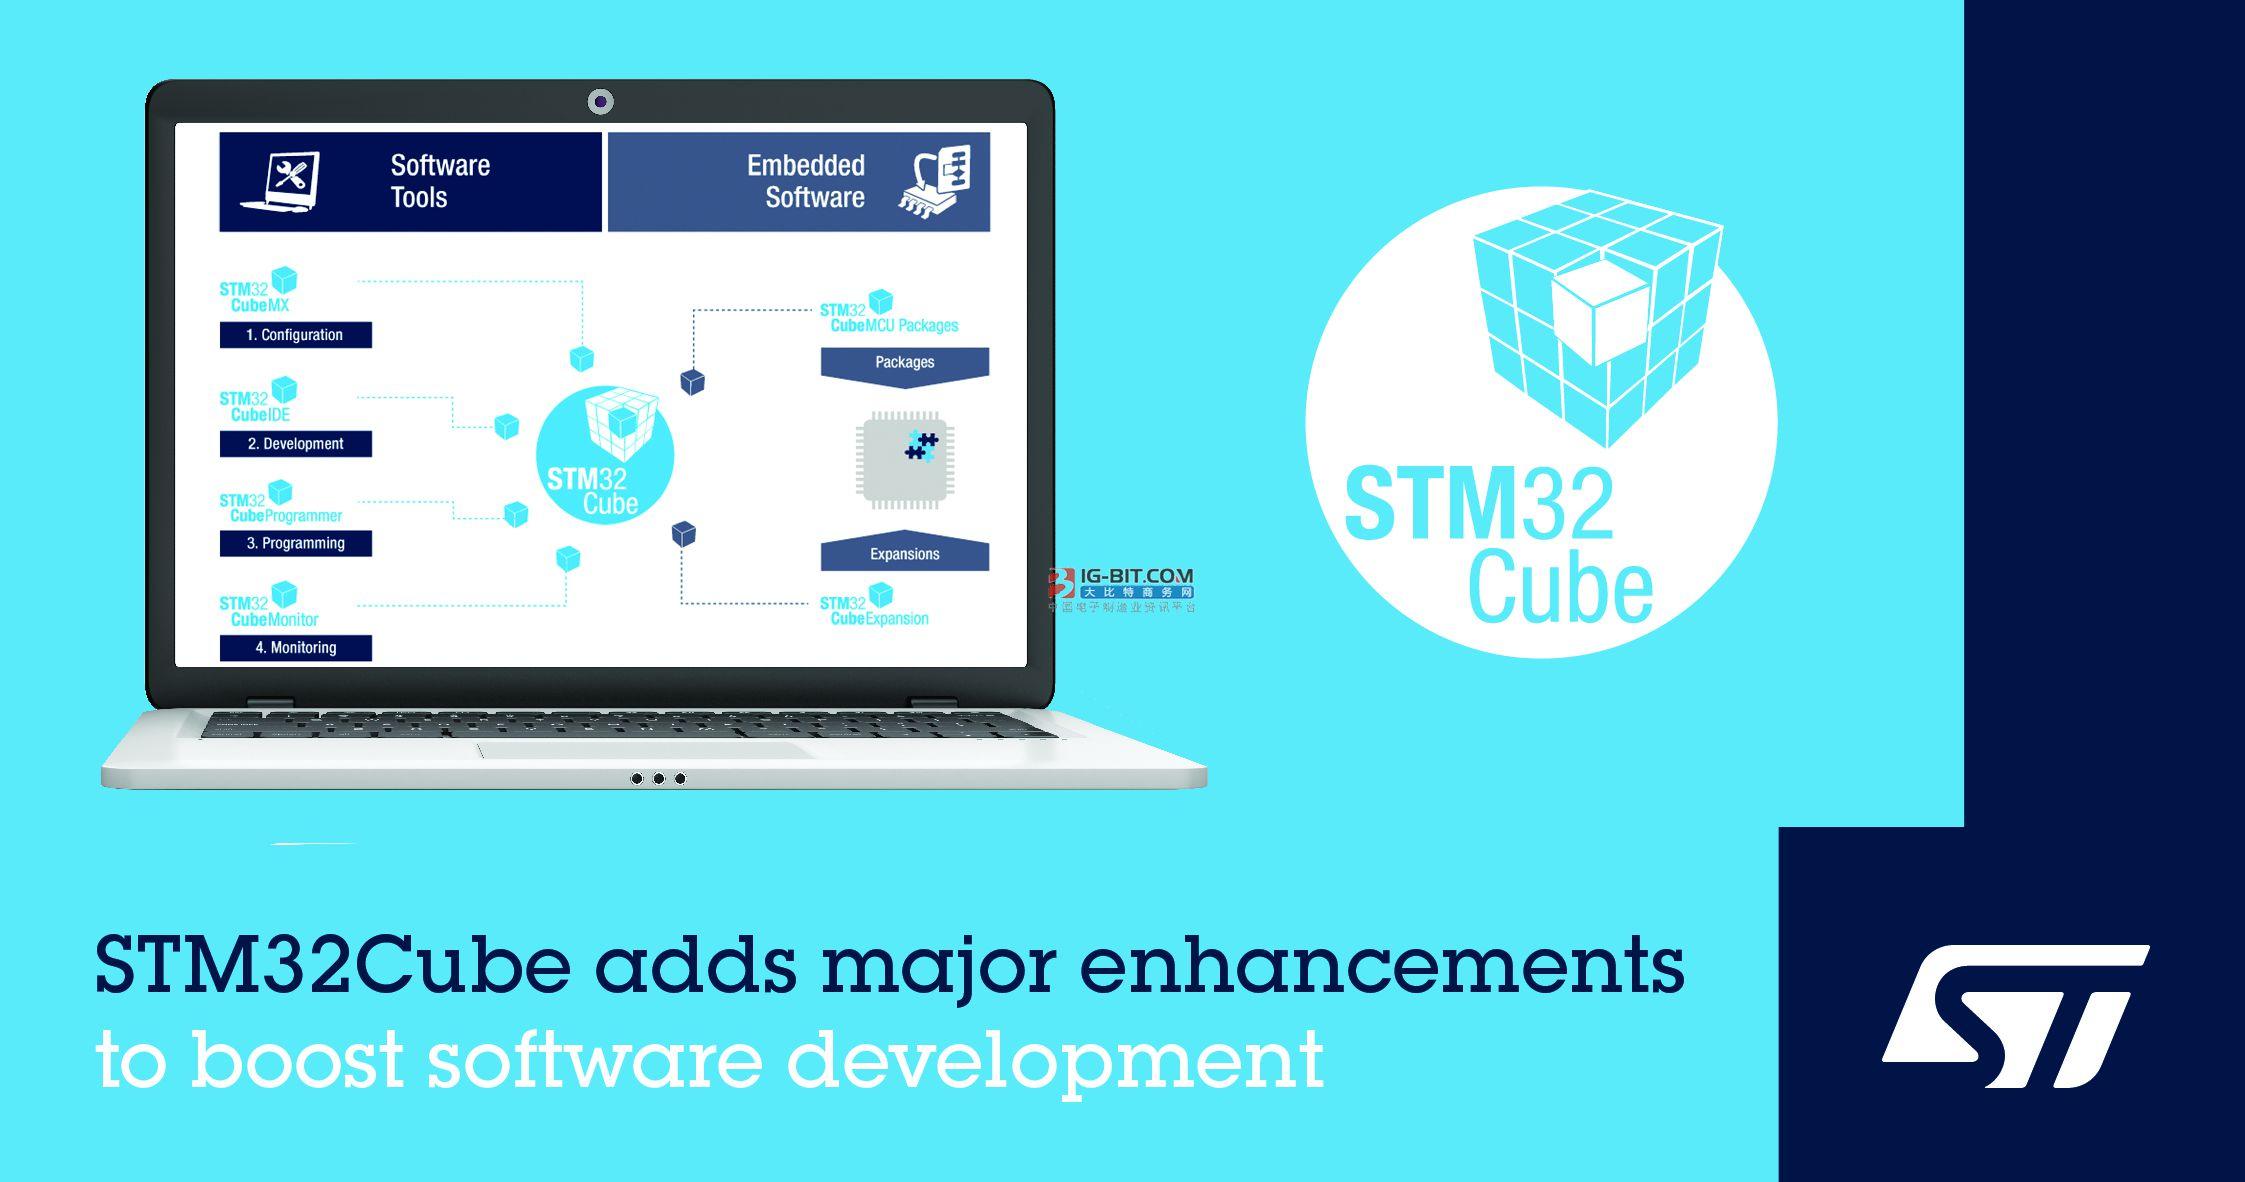 意法半导体为STM32Cube®生态系统增添新功能,提高软件开发效率